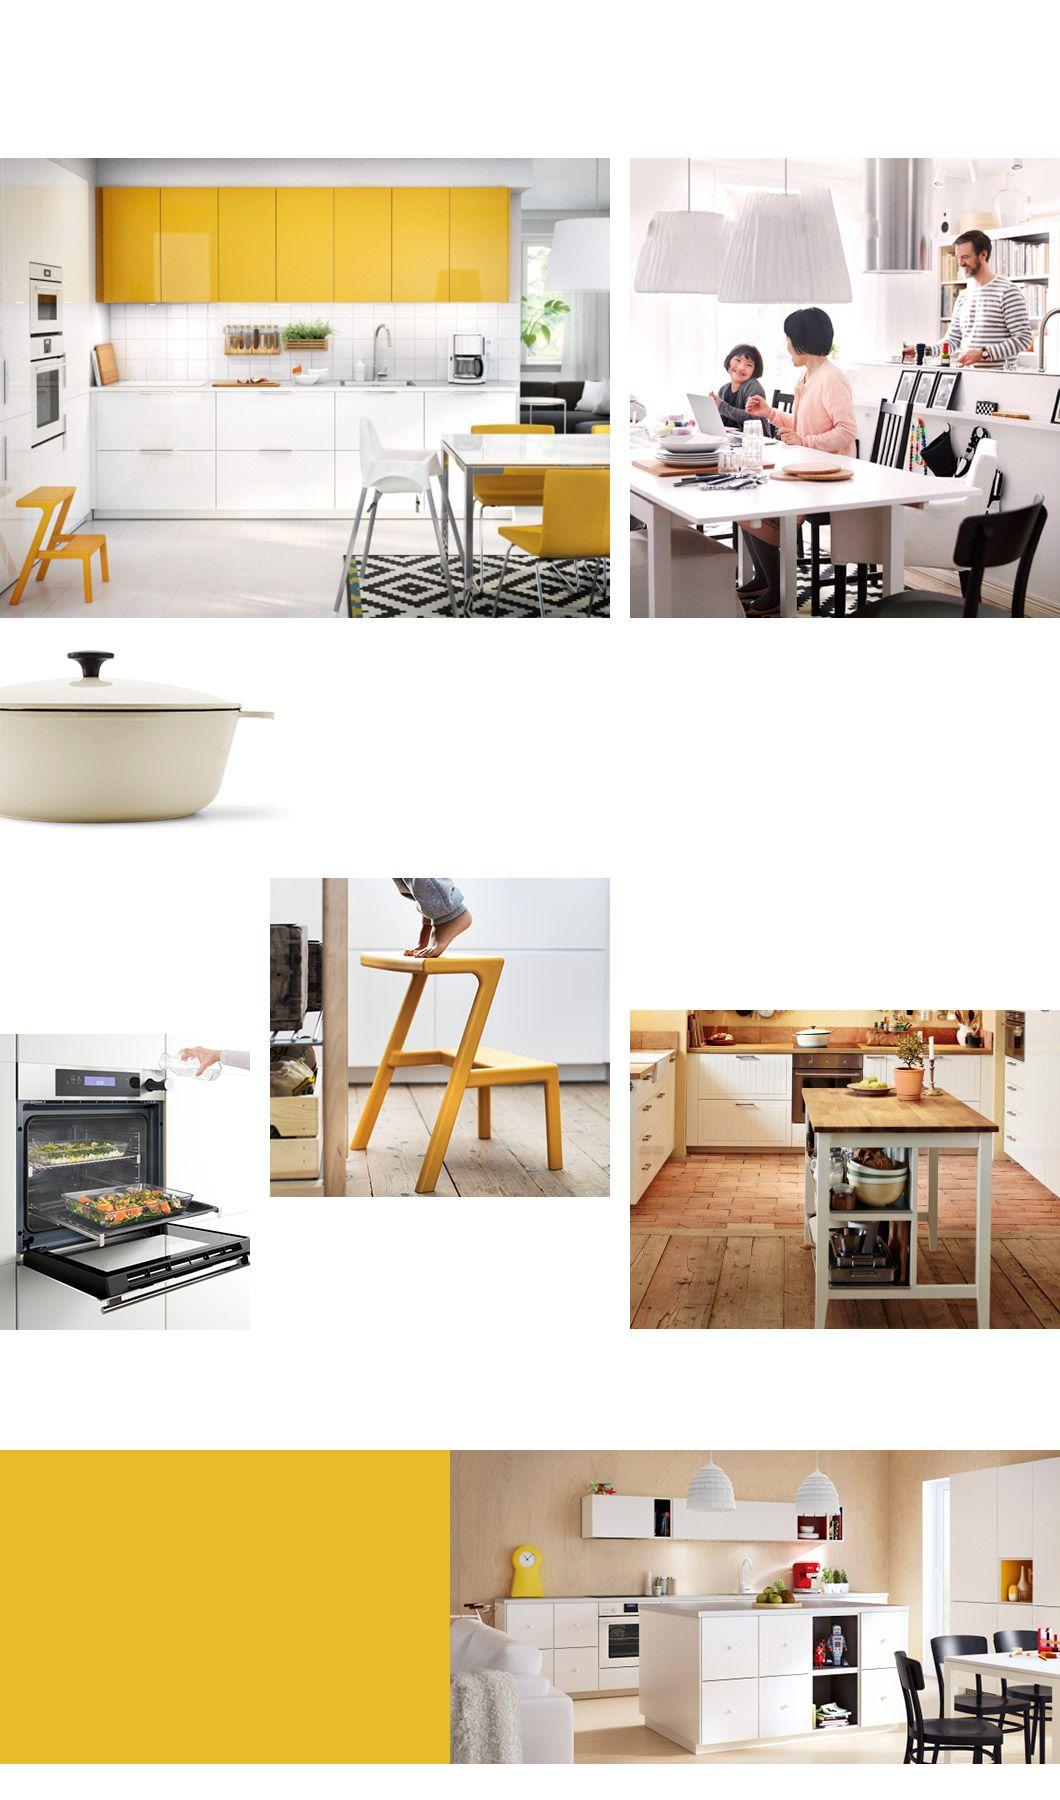 Küchenliebe küchenliebe ikea ikea küchen liebe house